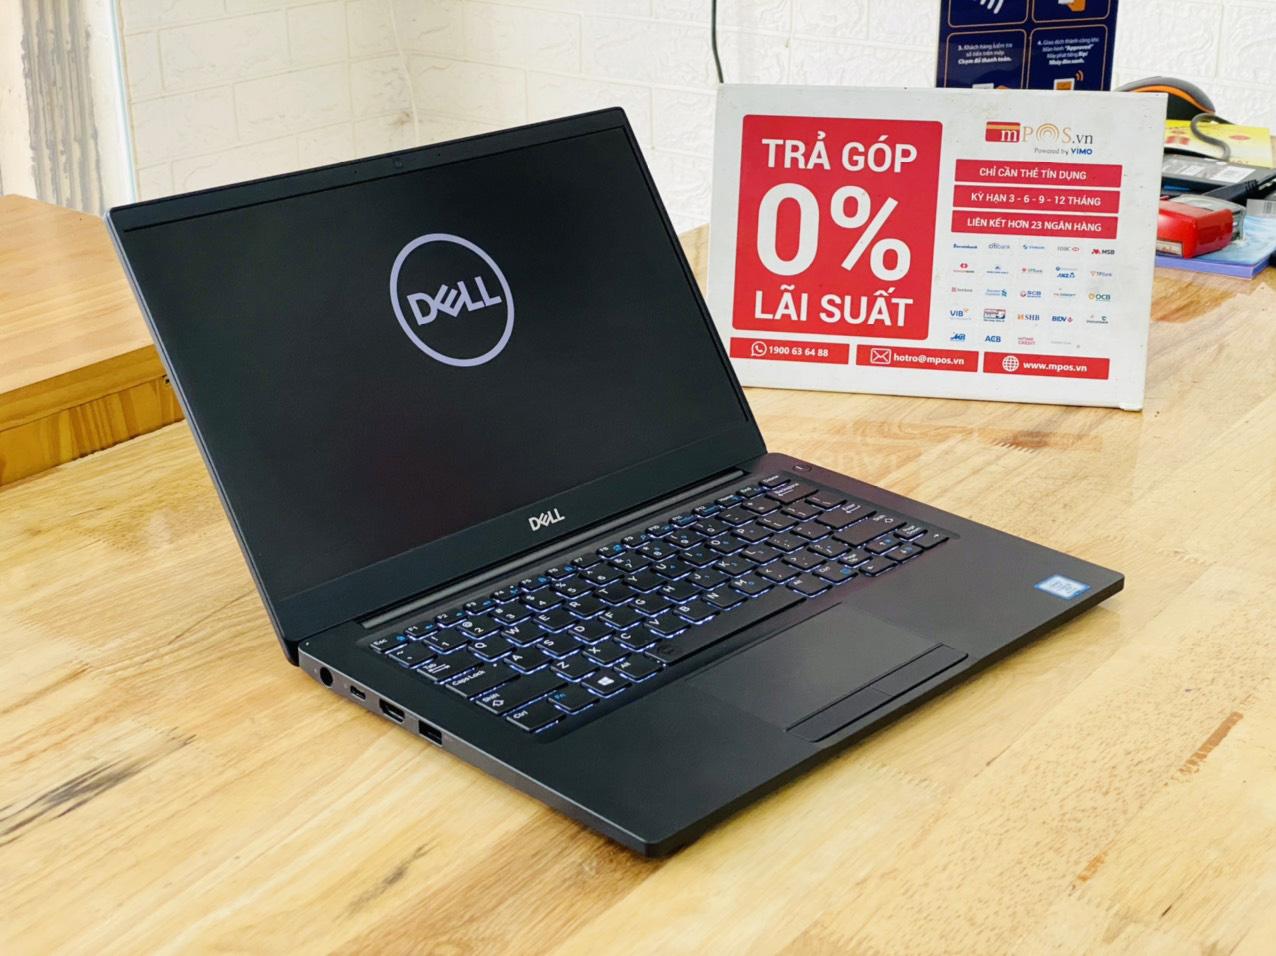 Dell Latitude 7390